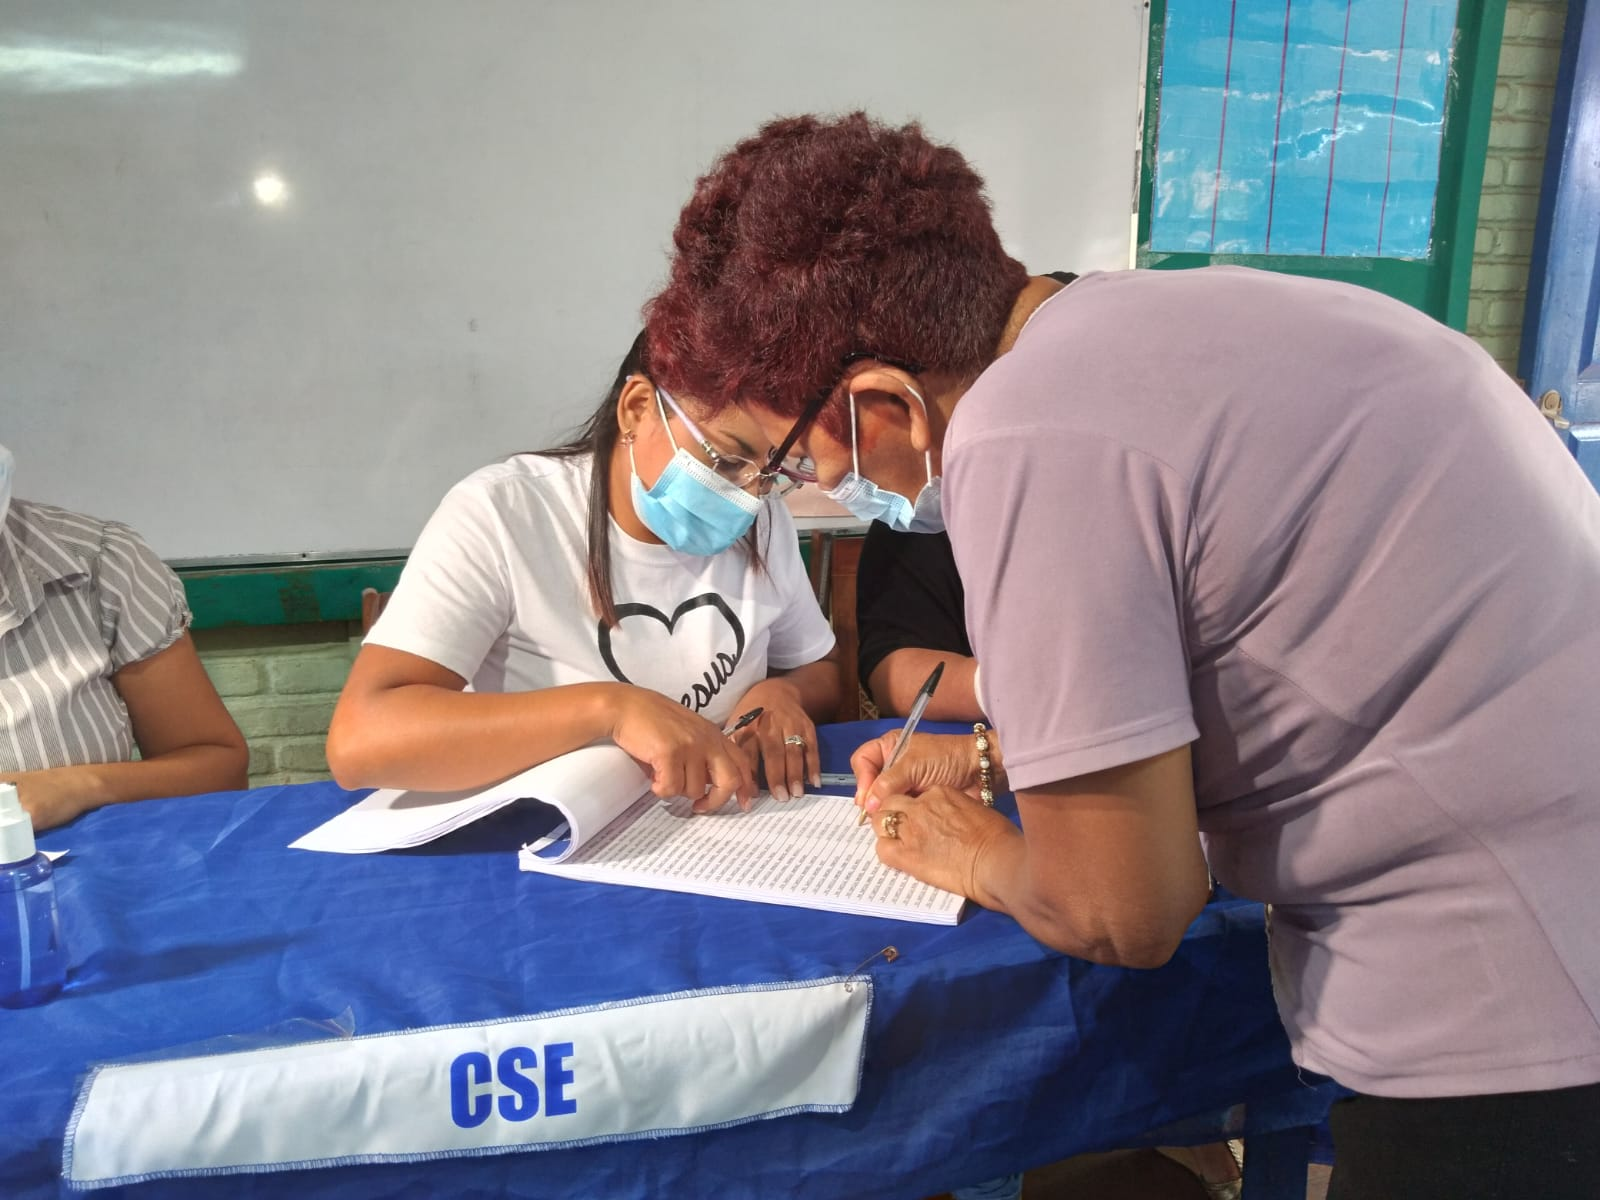 Jornada de verificación ciudadana de cara a las elecciones en Nicaragua